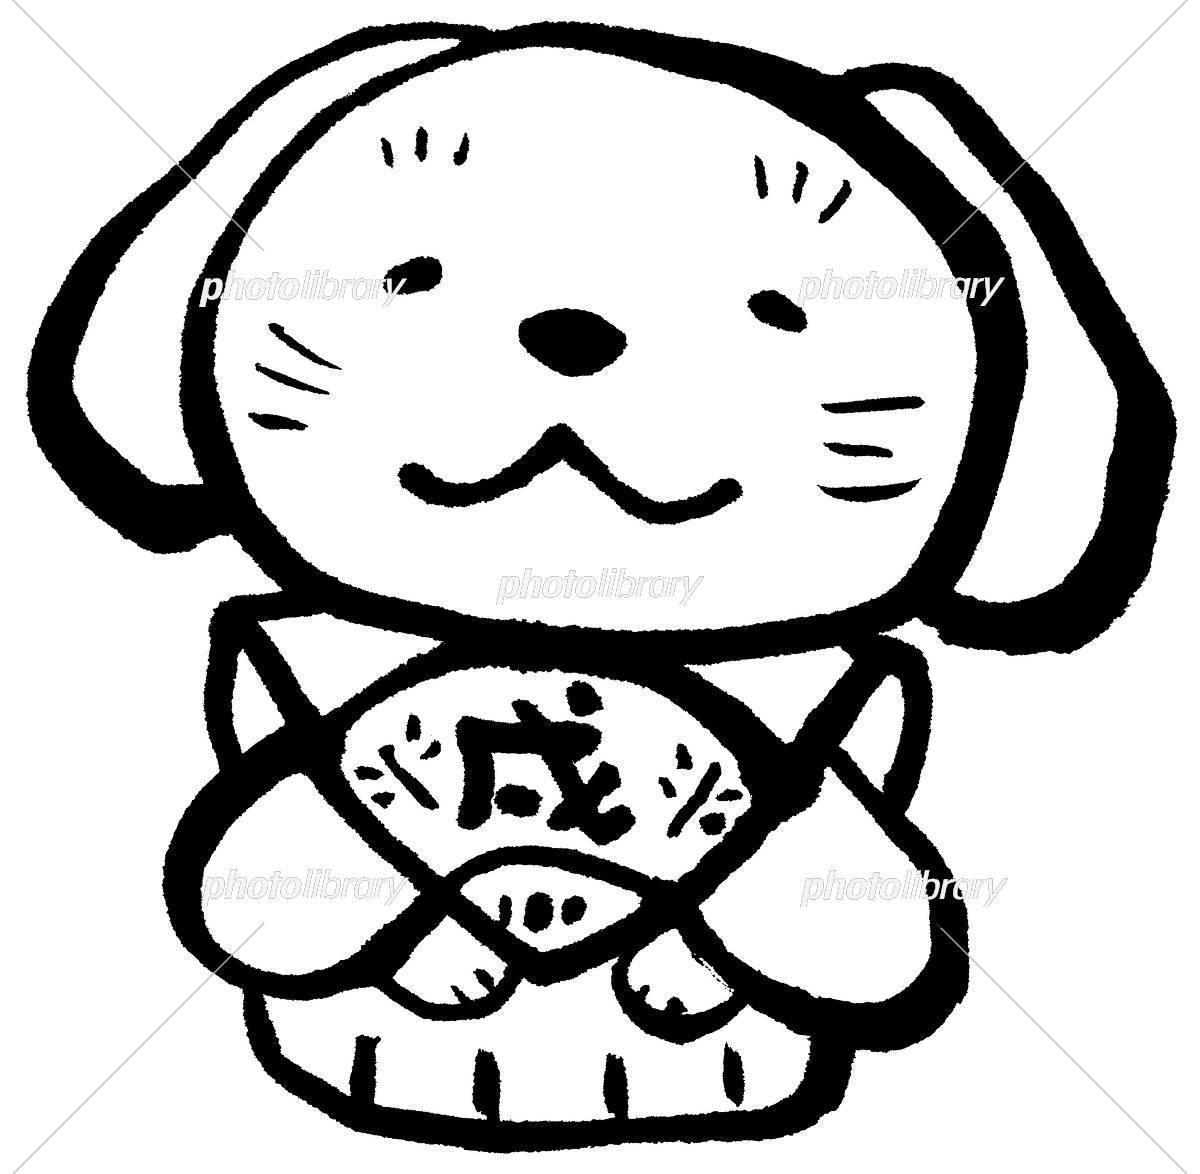 戌 裃 郷土玩具 モノクロ イラスト素材 [ 5310056 ] - フォトライブ